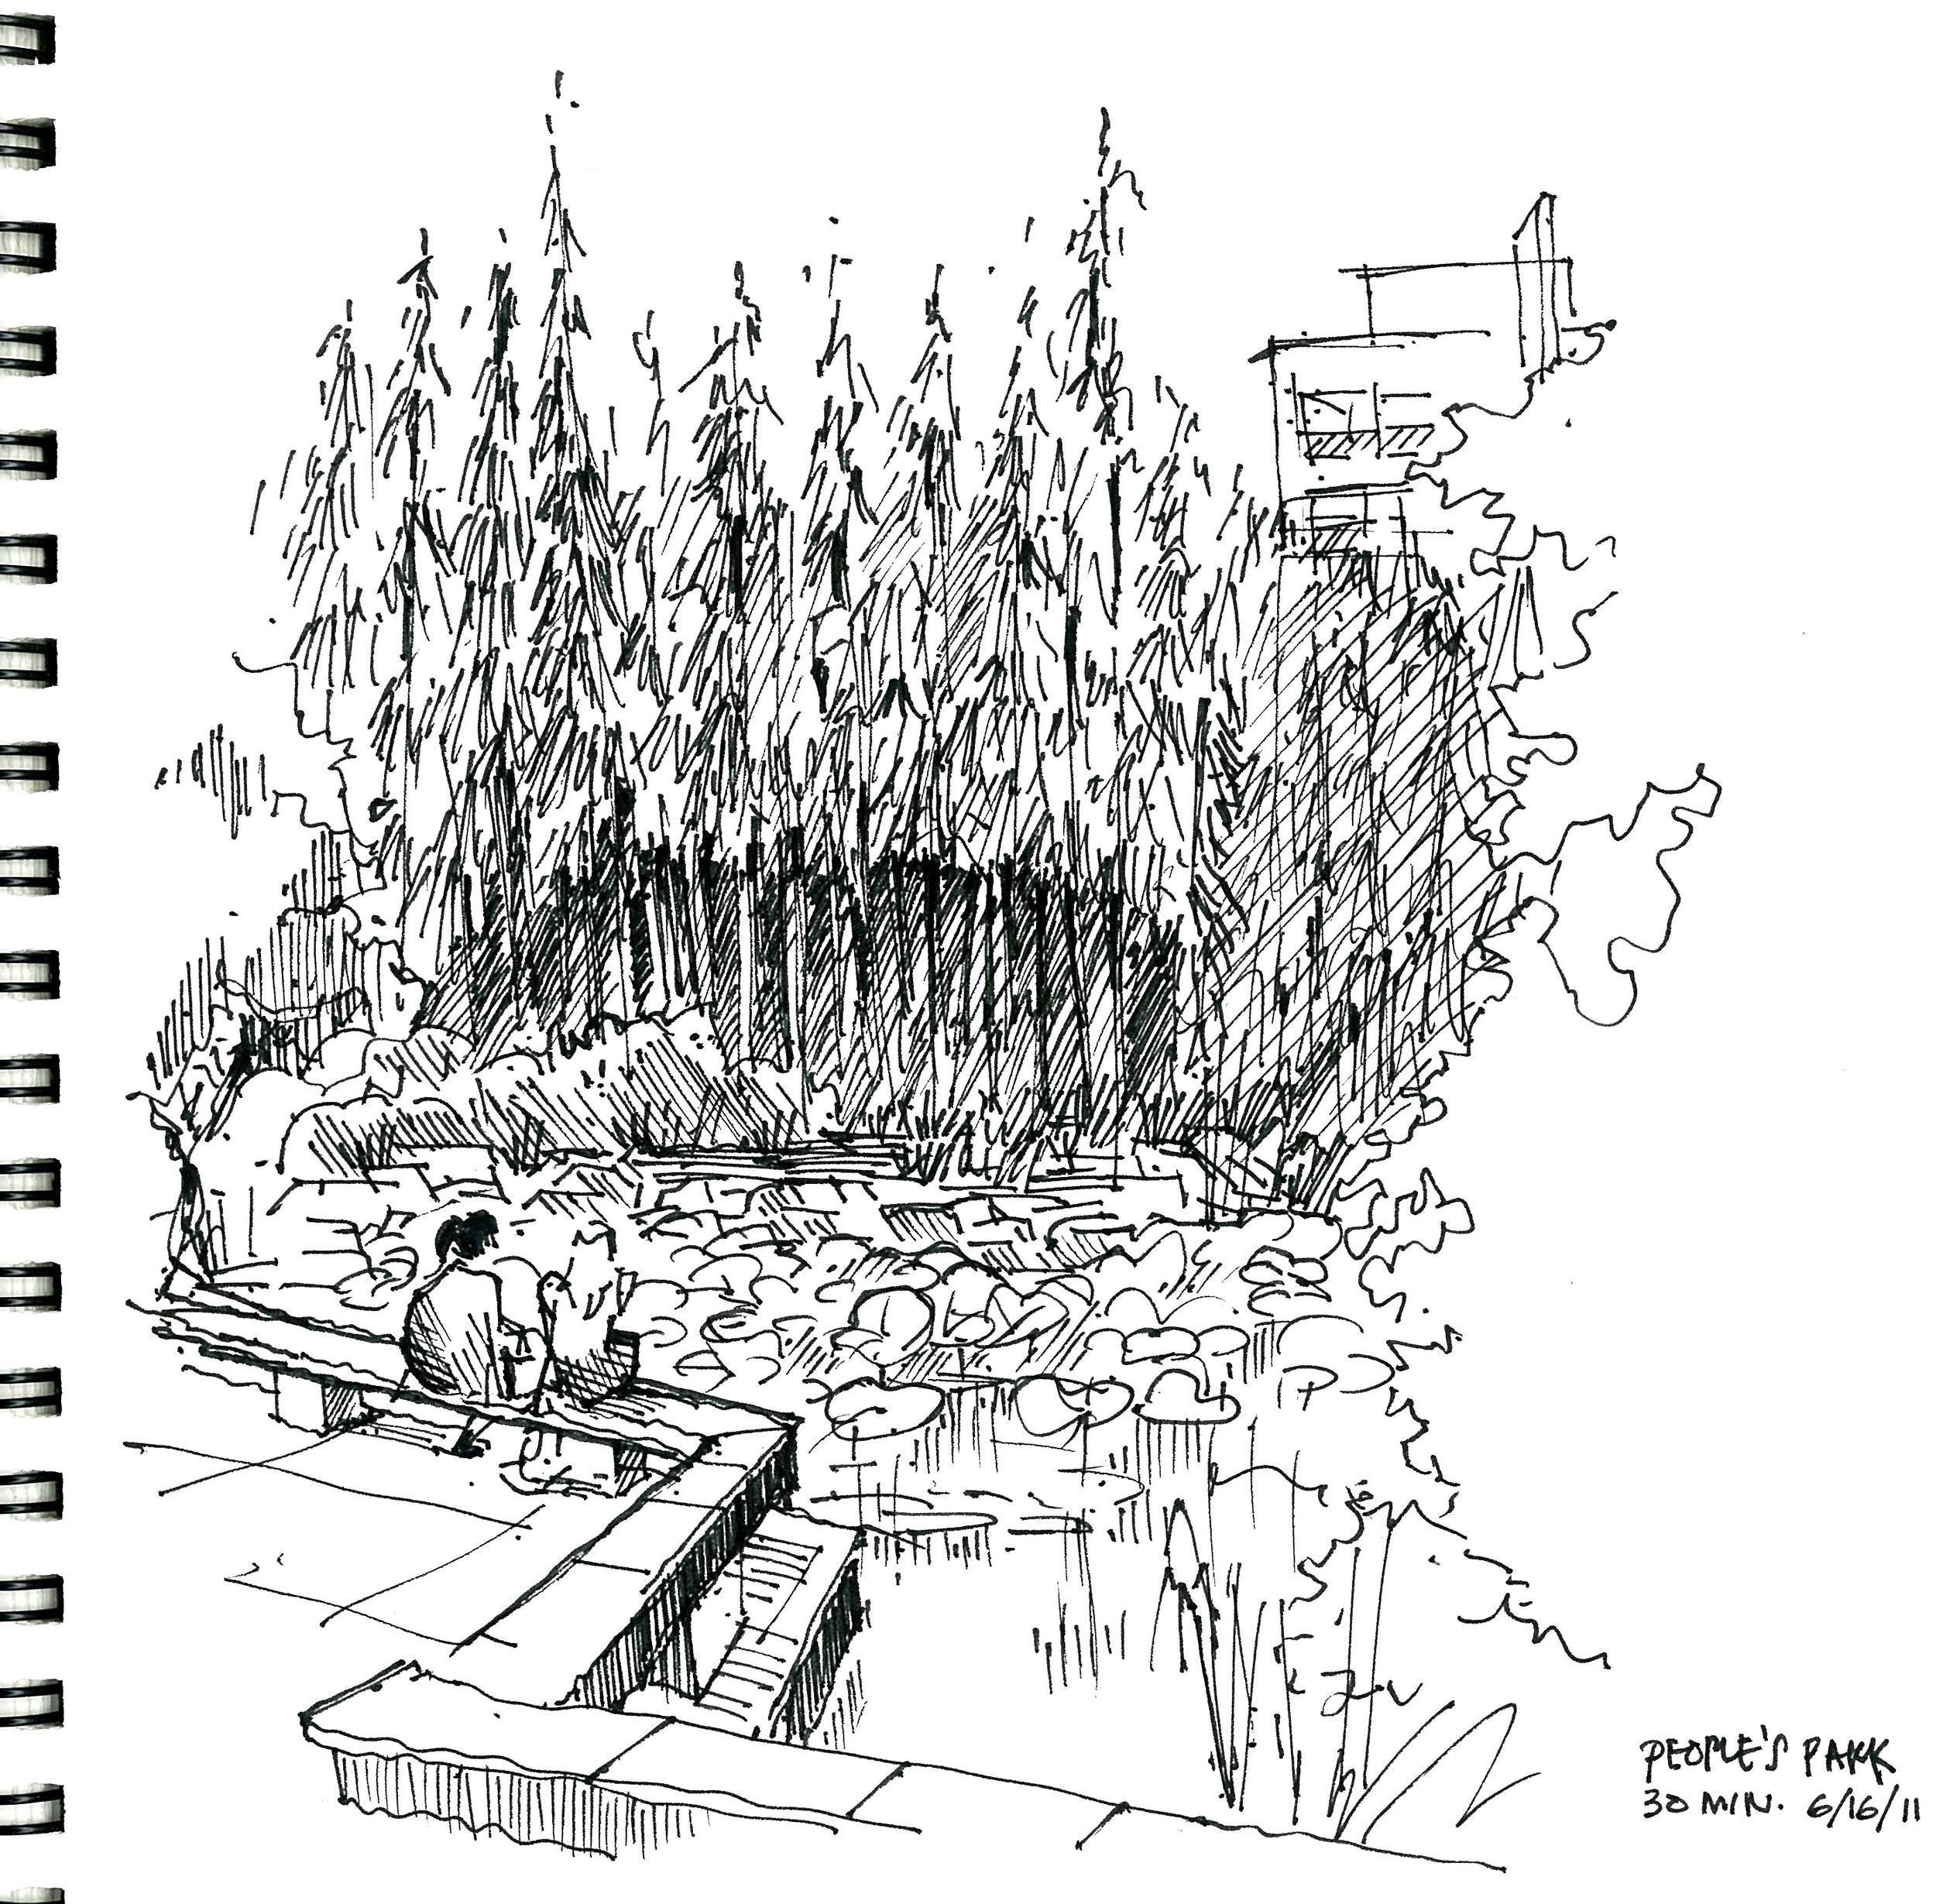 sketch-peoplepark1.jpg